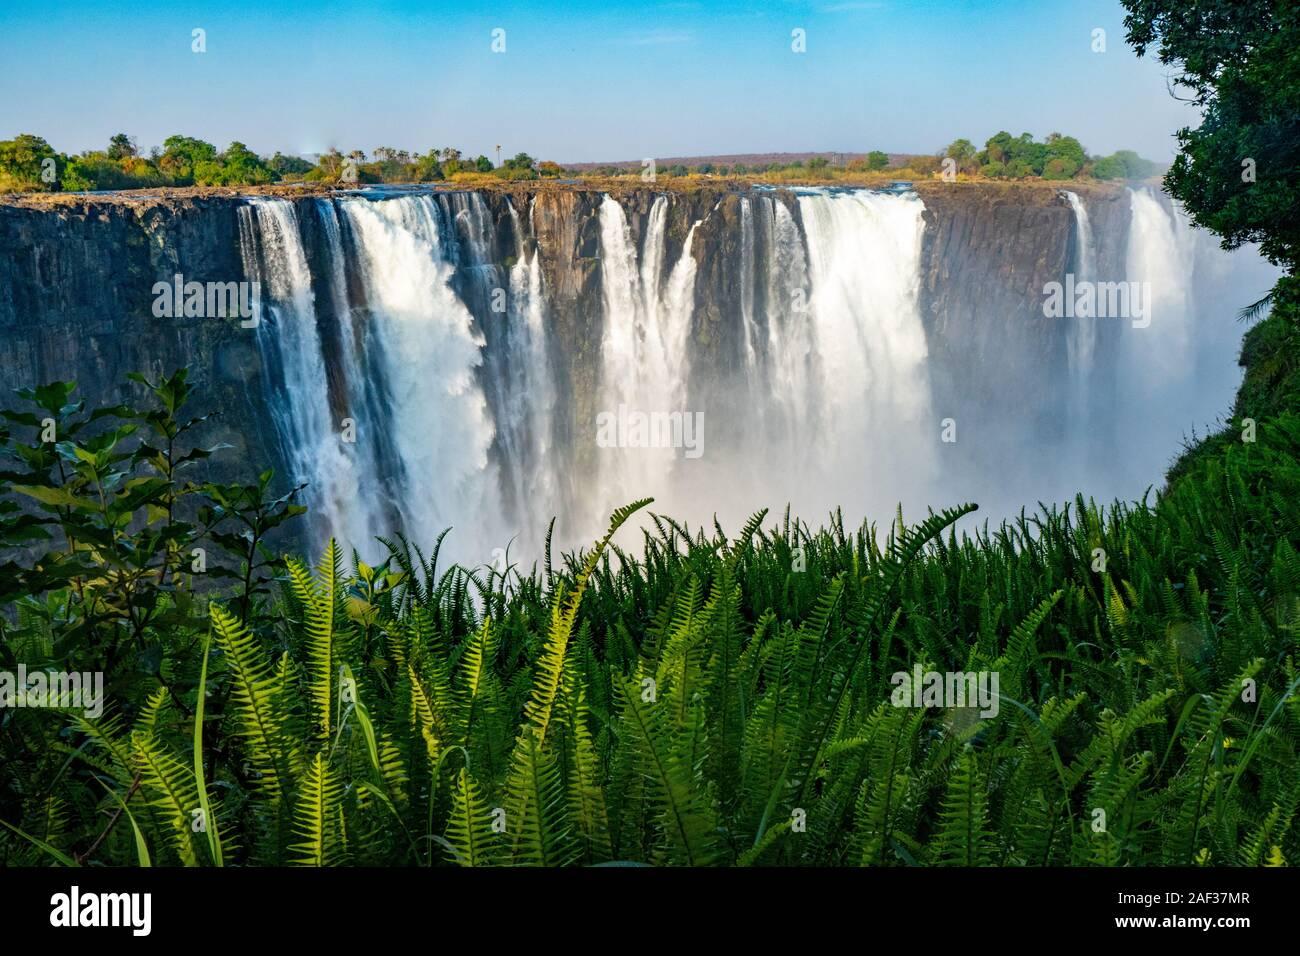 Victoria Falls, nombrado por David Livingstone en 1855 después de la Reina Victoria, la cascada formada por el río Zambezi, caer en una profundidad de 100 metros ch Foto de stock